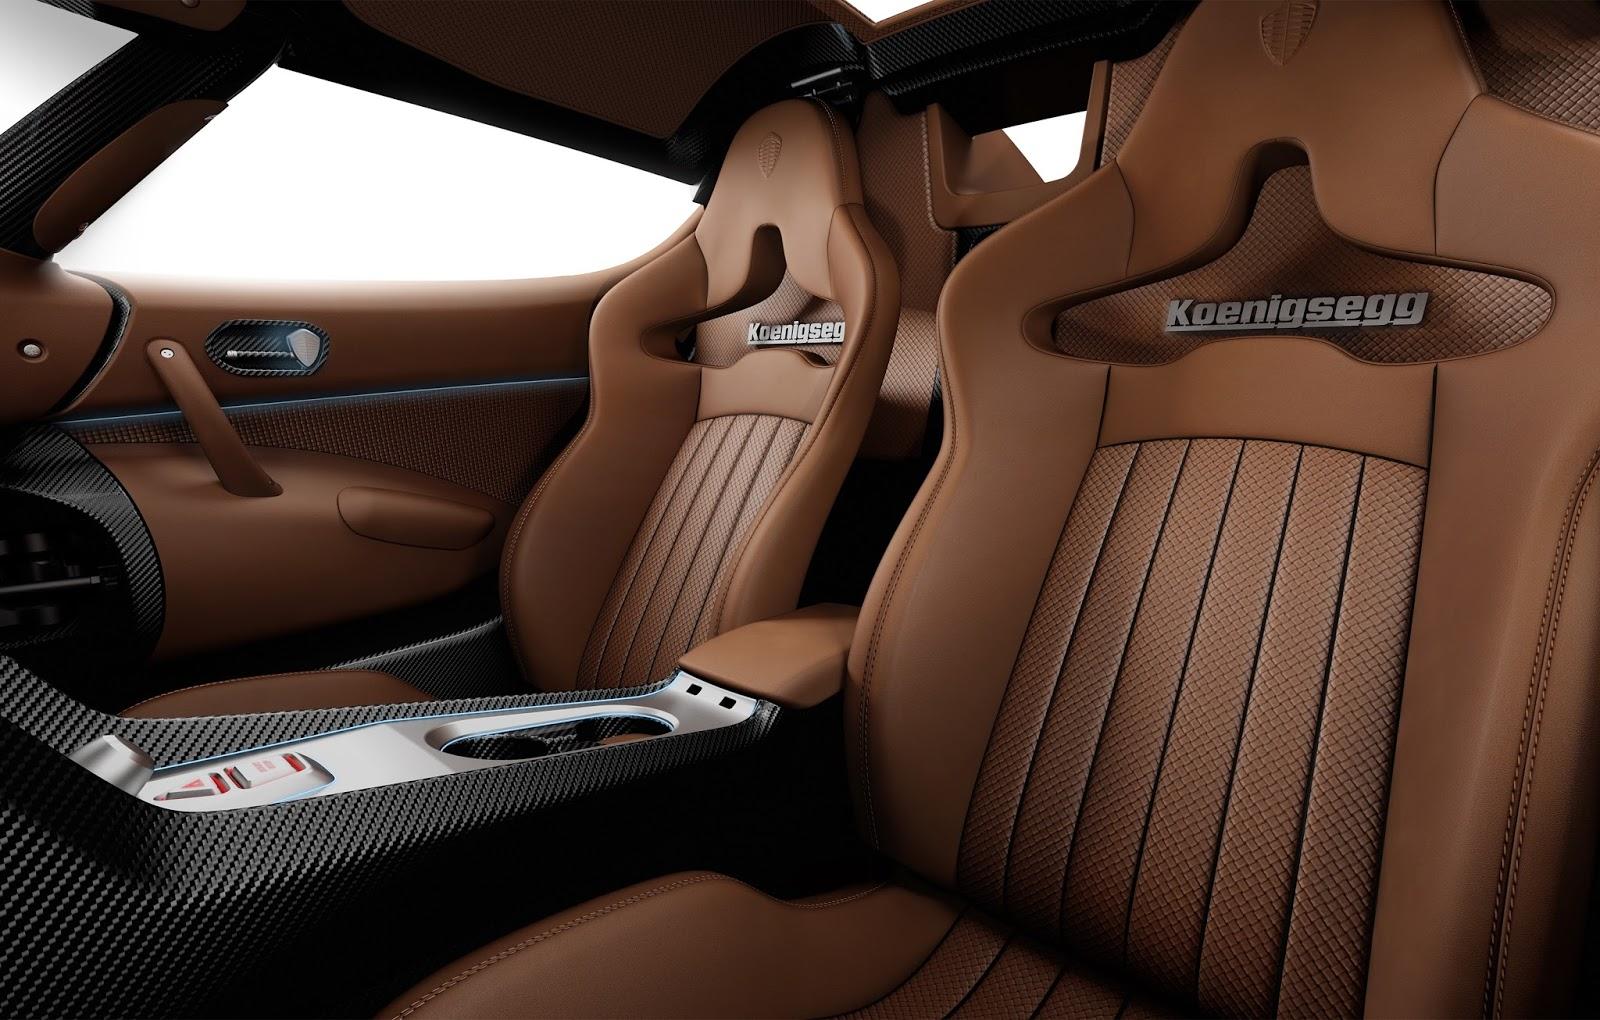 Koenigsegg Regera interior seat Υποκλιθείτε μπροστά στον καινούργιο βασιλιά Koenigsegg, Koenigsegg Regera, Koenigsegg Regera Megacar, Megacar, Regera, zblog